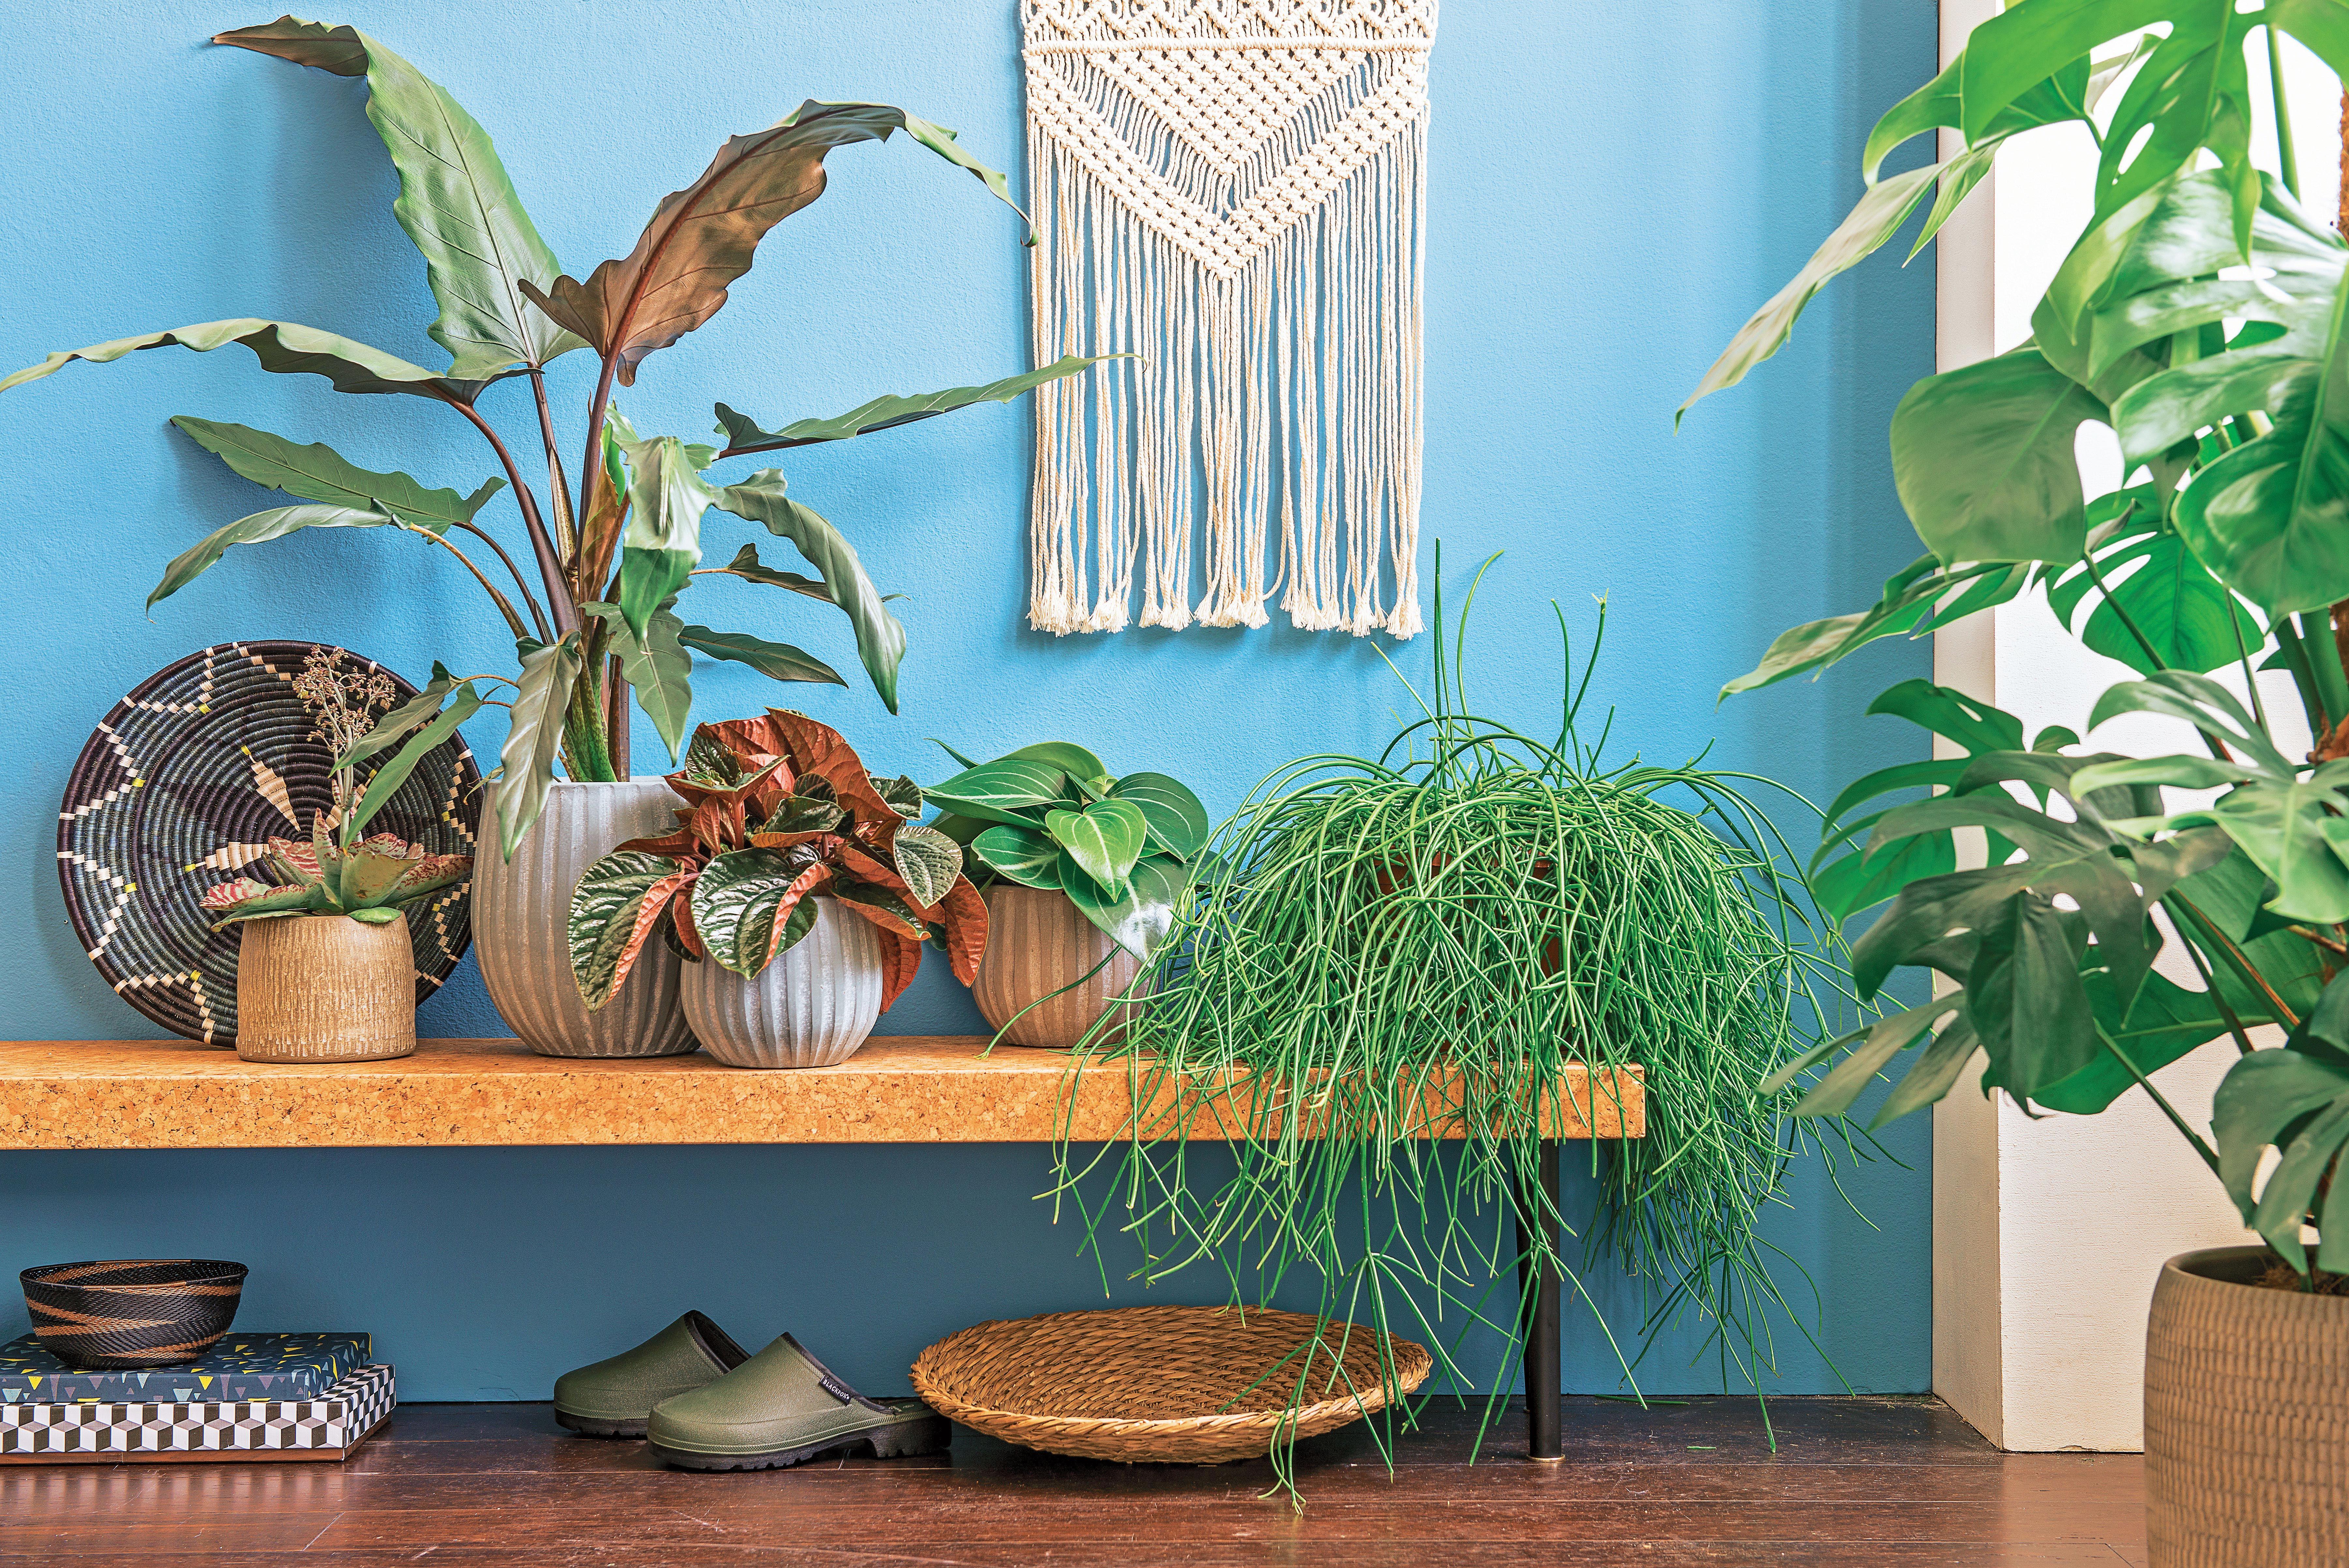 Alocasia Lauterbachiana Hauteur 95 Cm Pot Diametre 19 Cm With Images Plants Garden